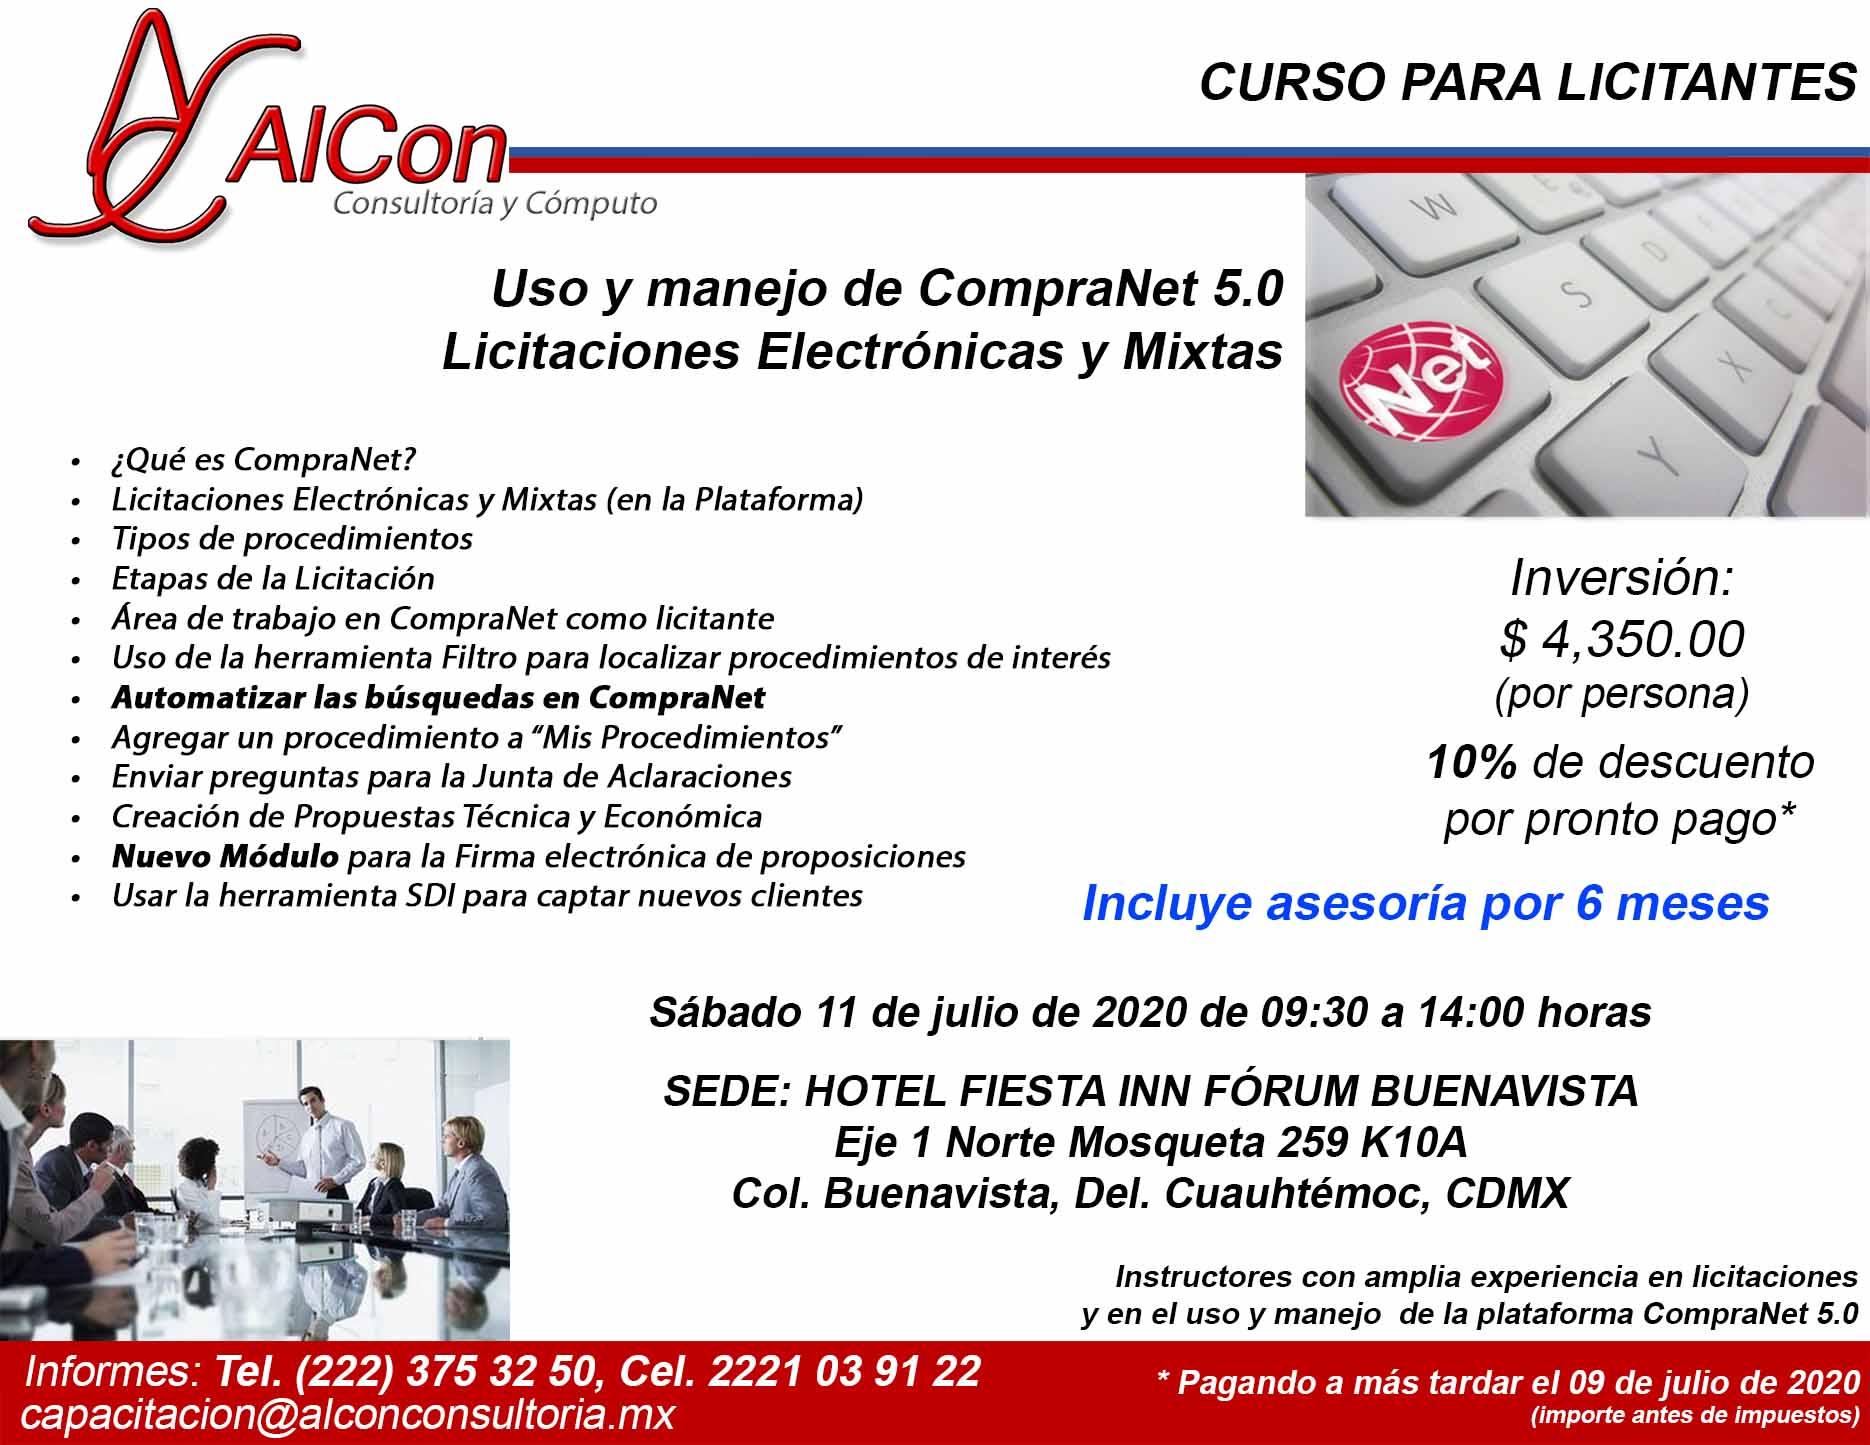 Curso de CompraNet 5.0, Ciudad de México, AlCon Consultoría y Cómputo, AlCon Consulting And Commerce